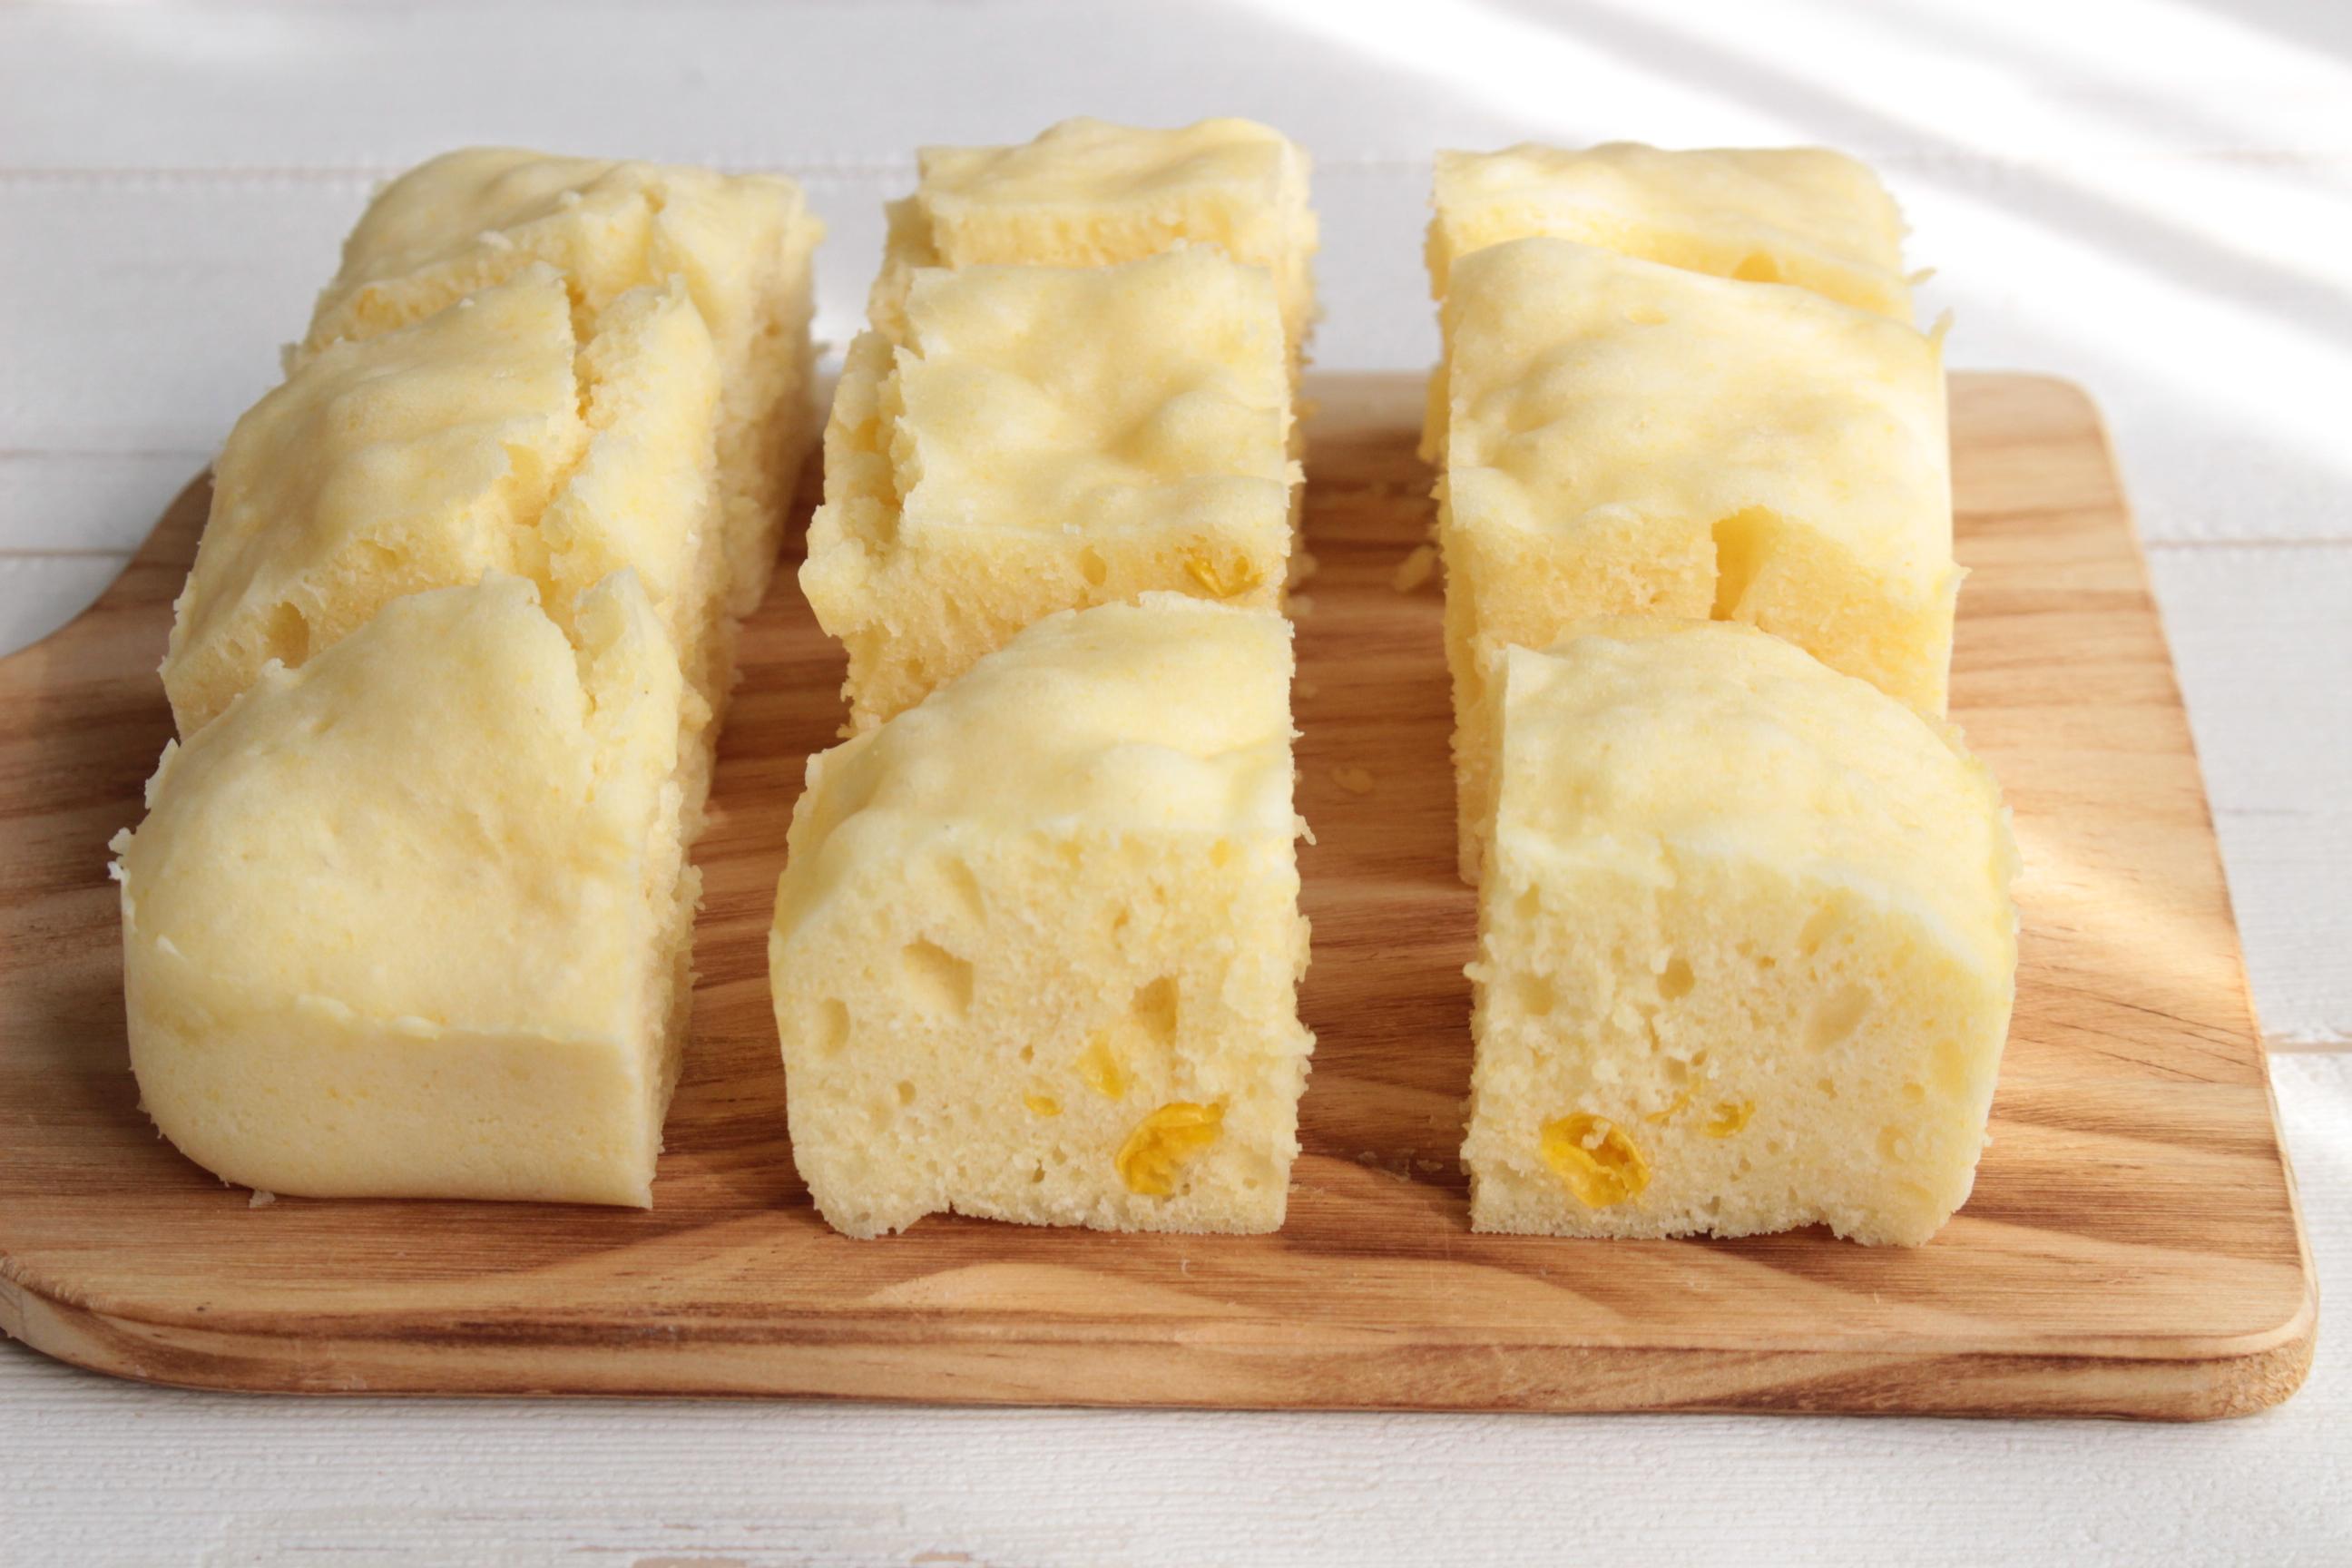 ホット ケーキ ミックス 蒸し パン 卵 なし